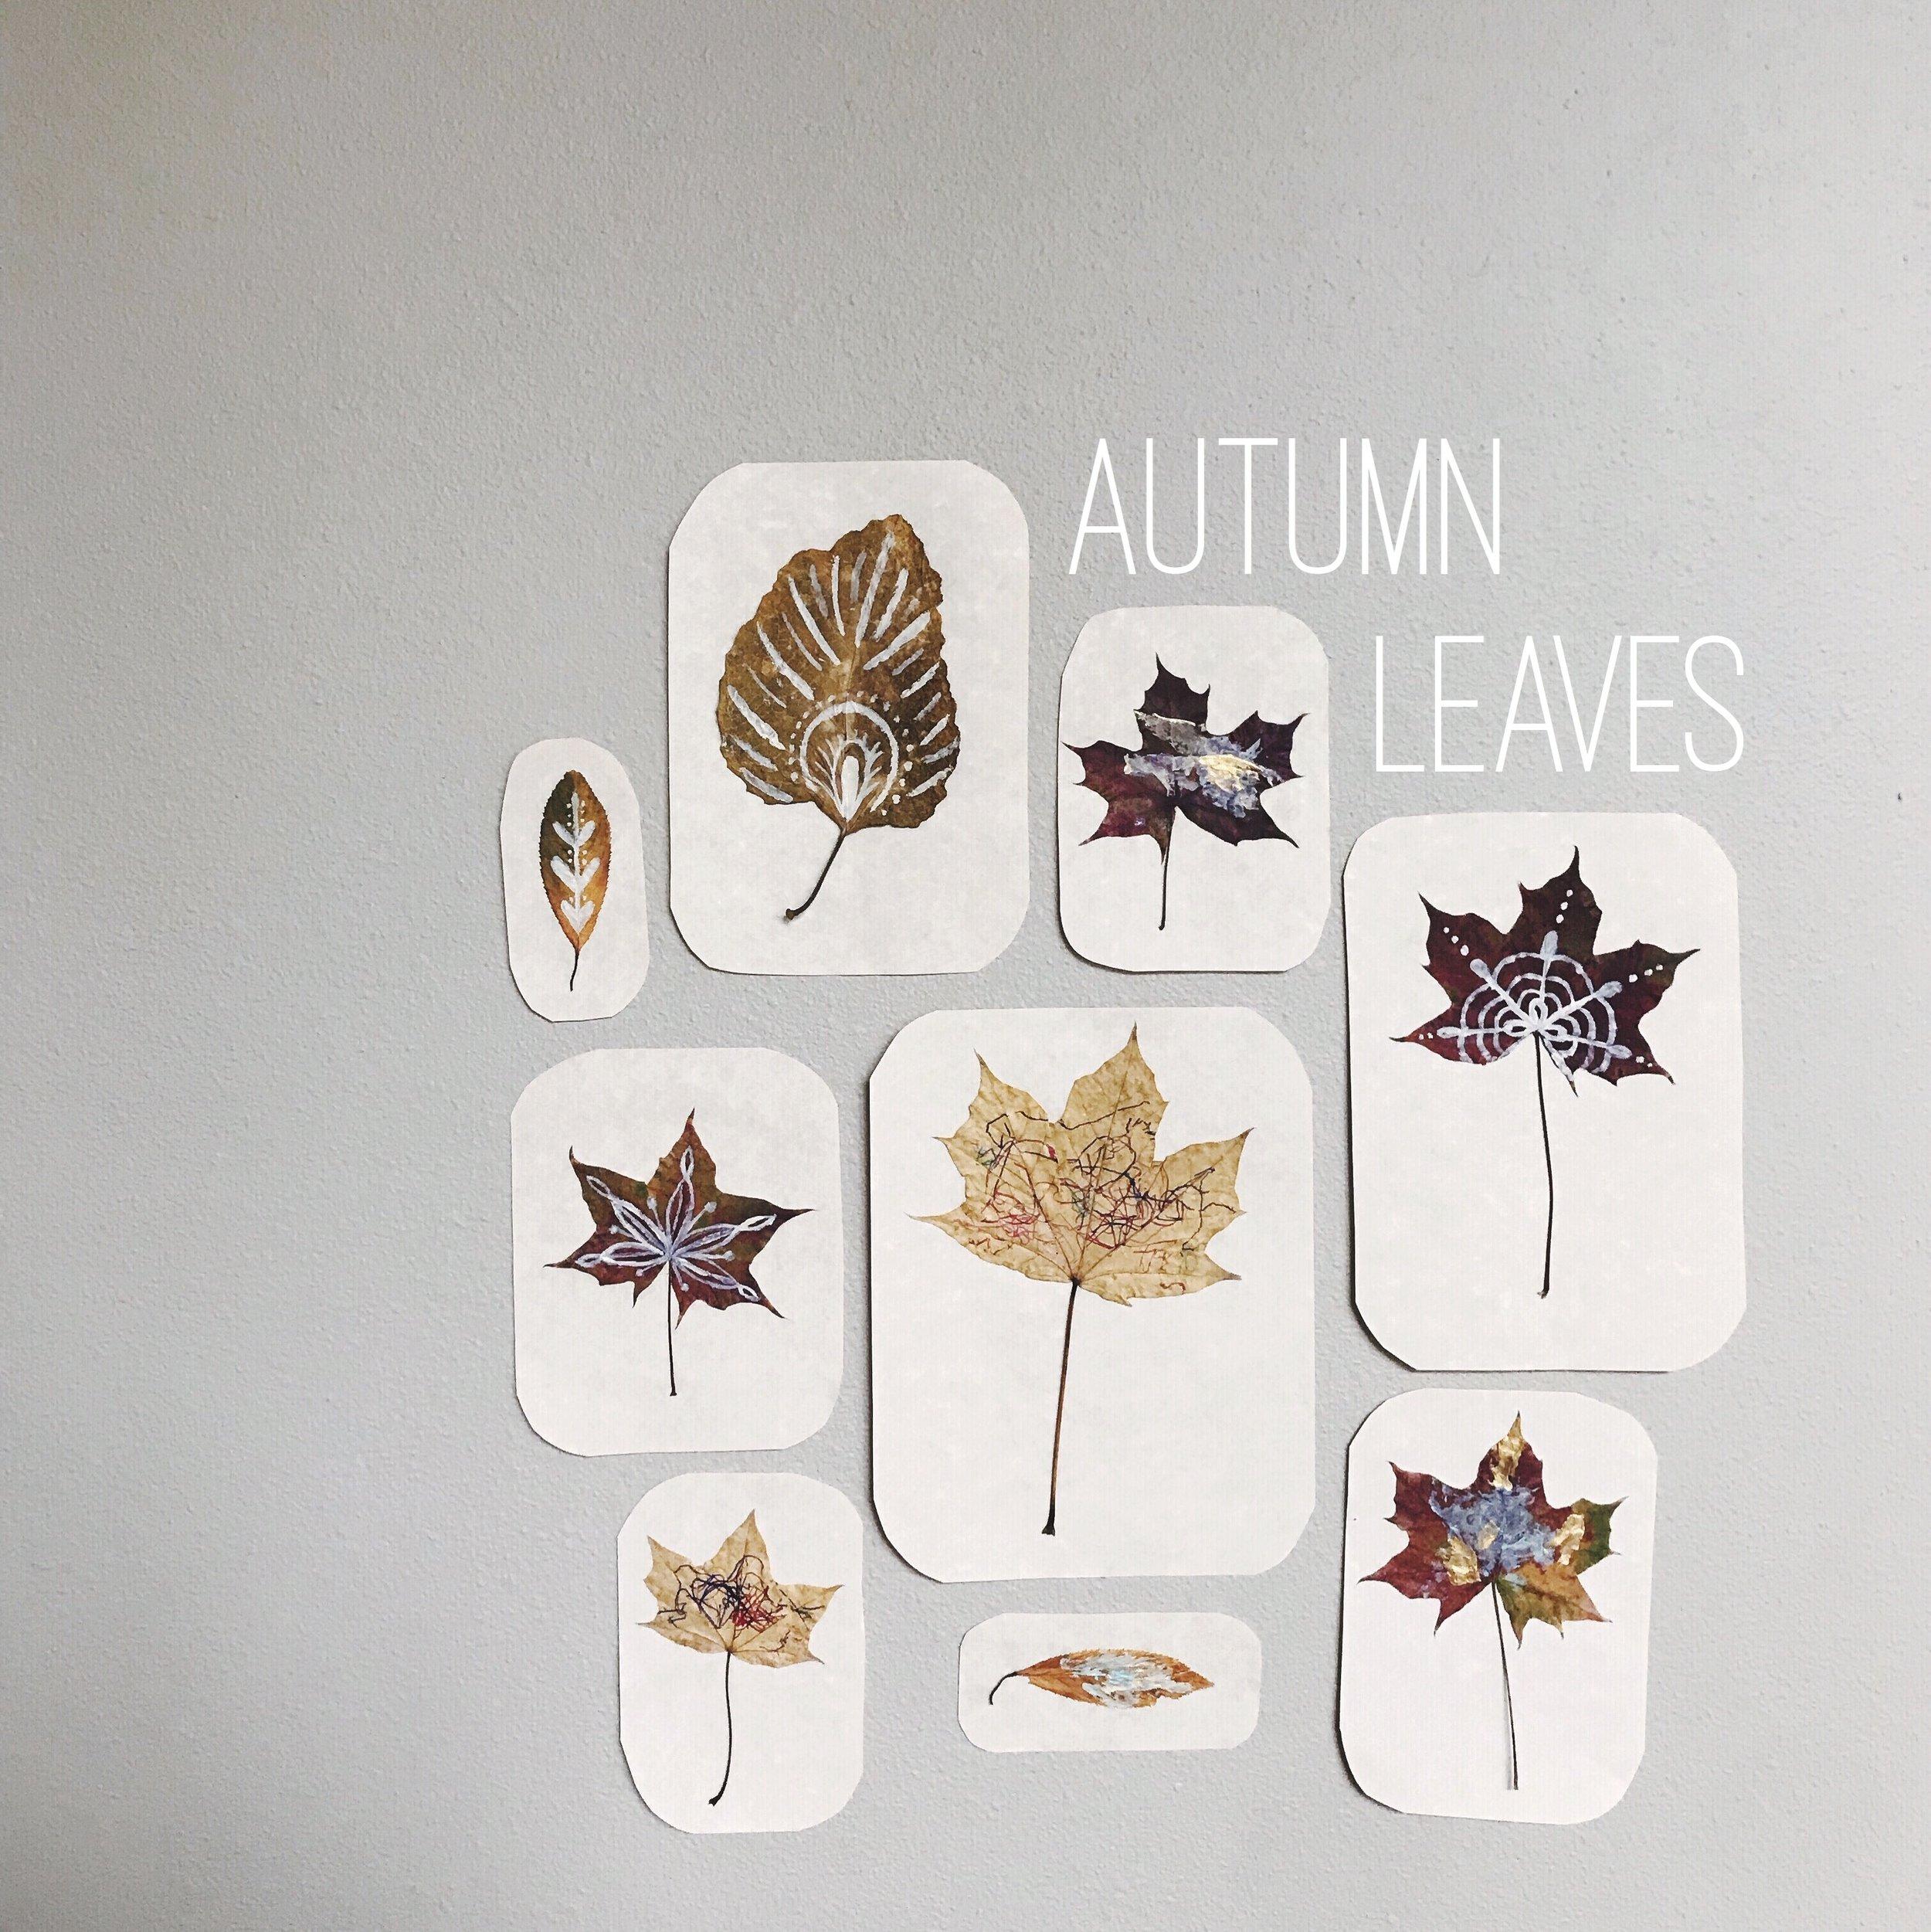 autumn jaclynsue.com